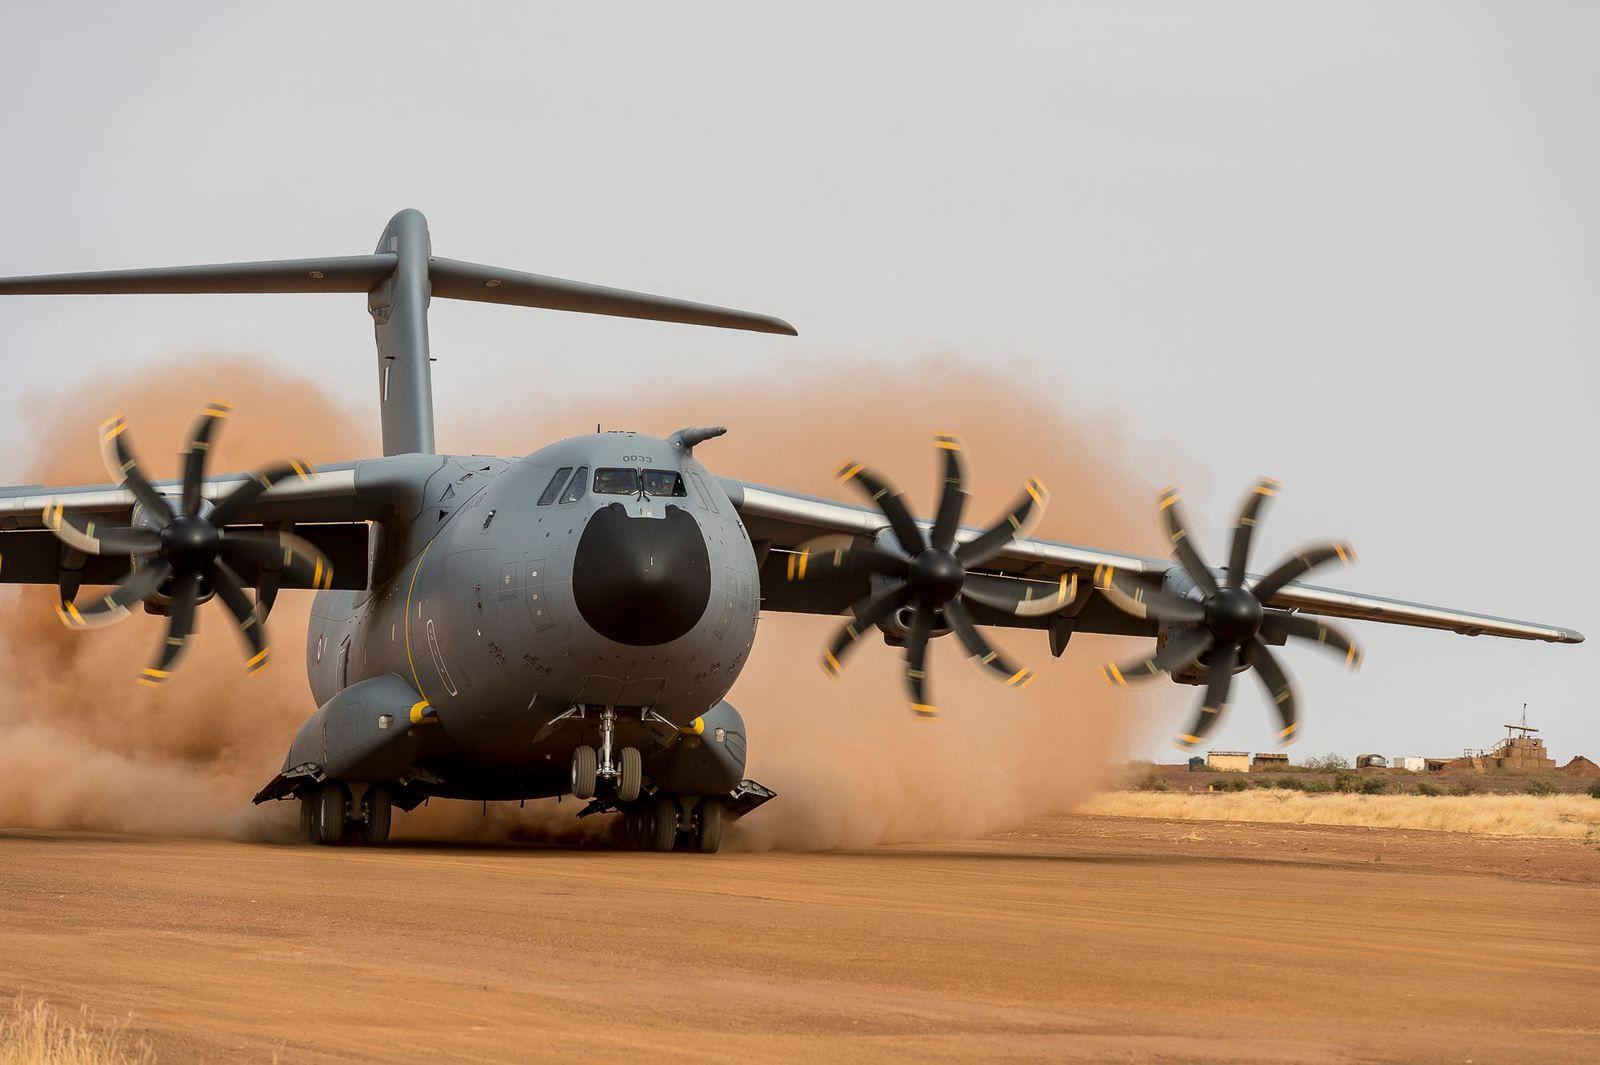 © CEAM - Essais de l'A400M sur la piste de Gao, au Mali